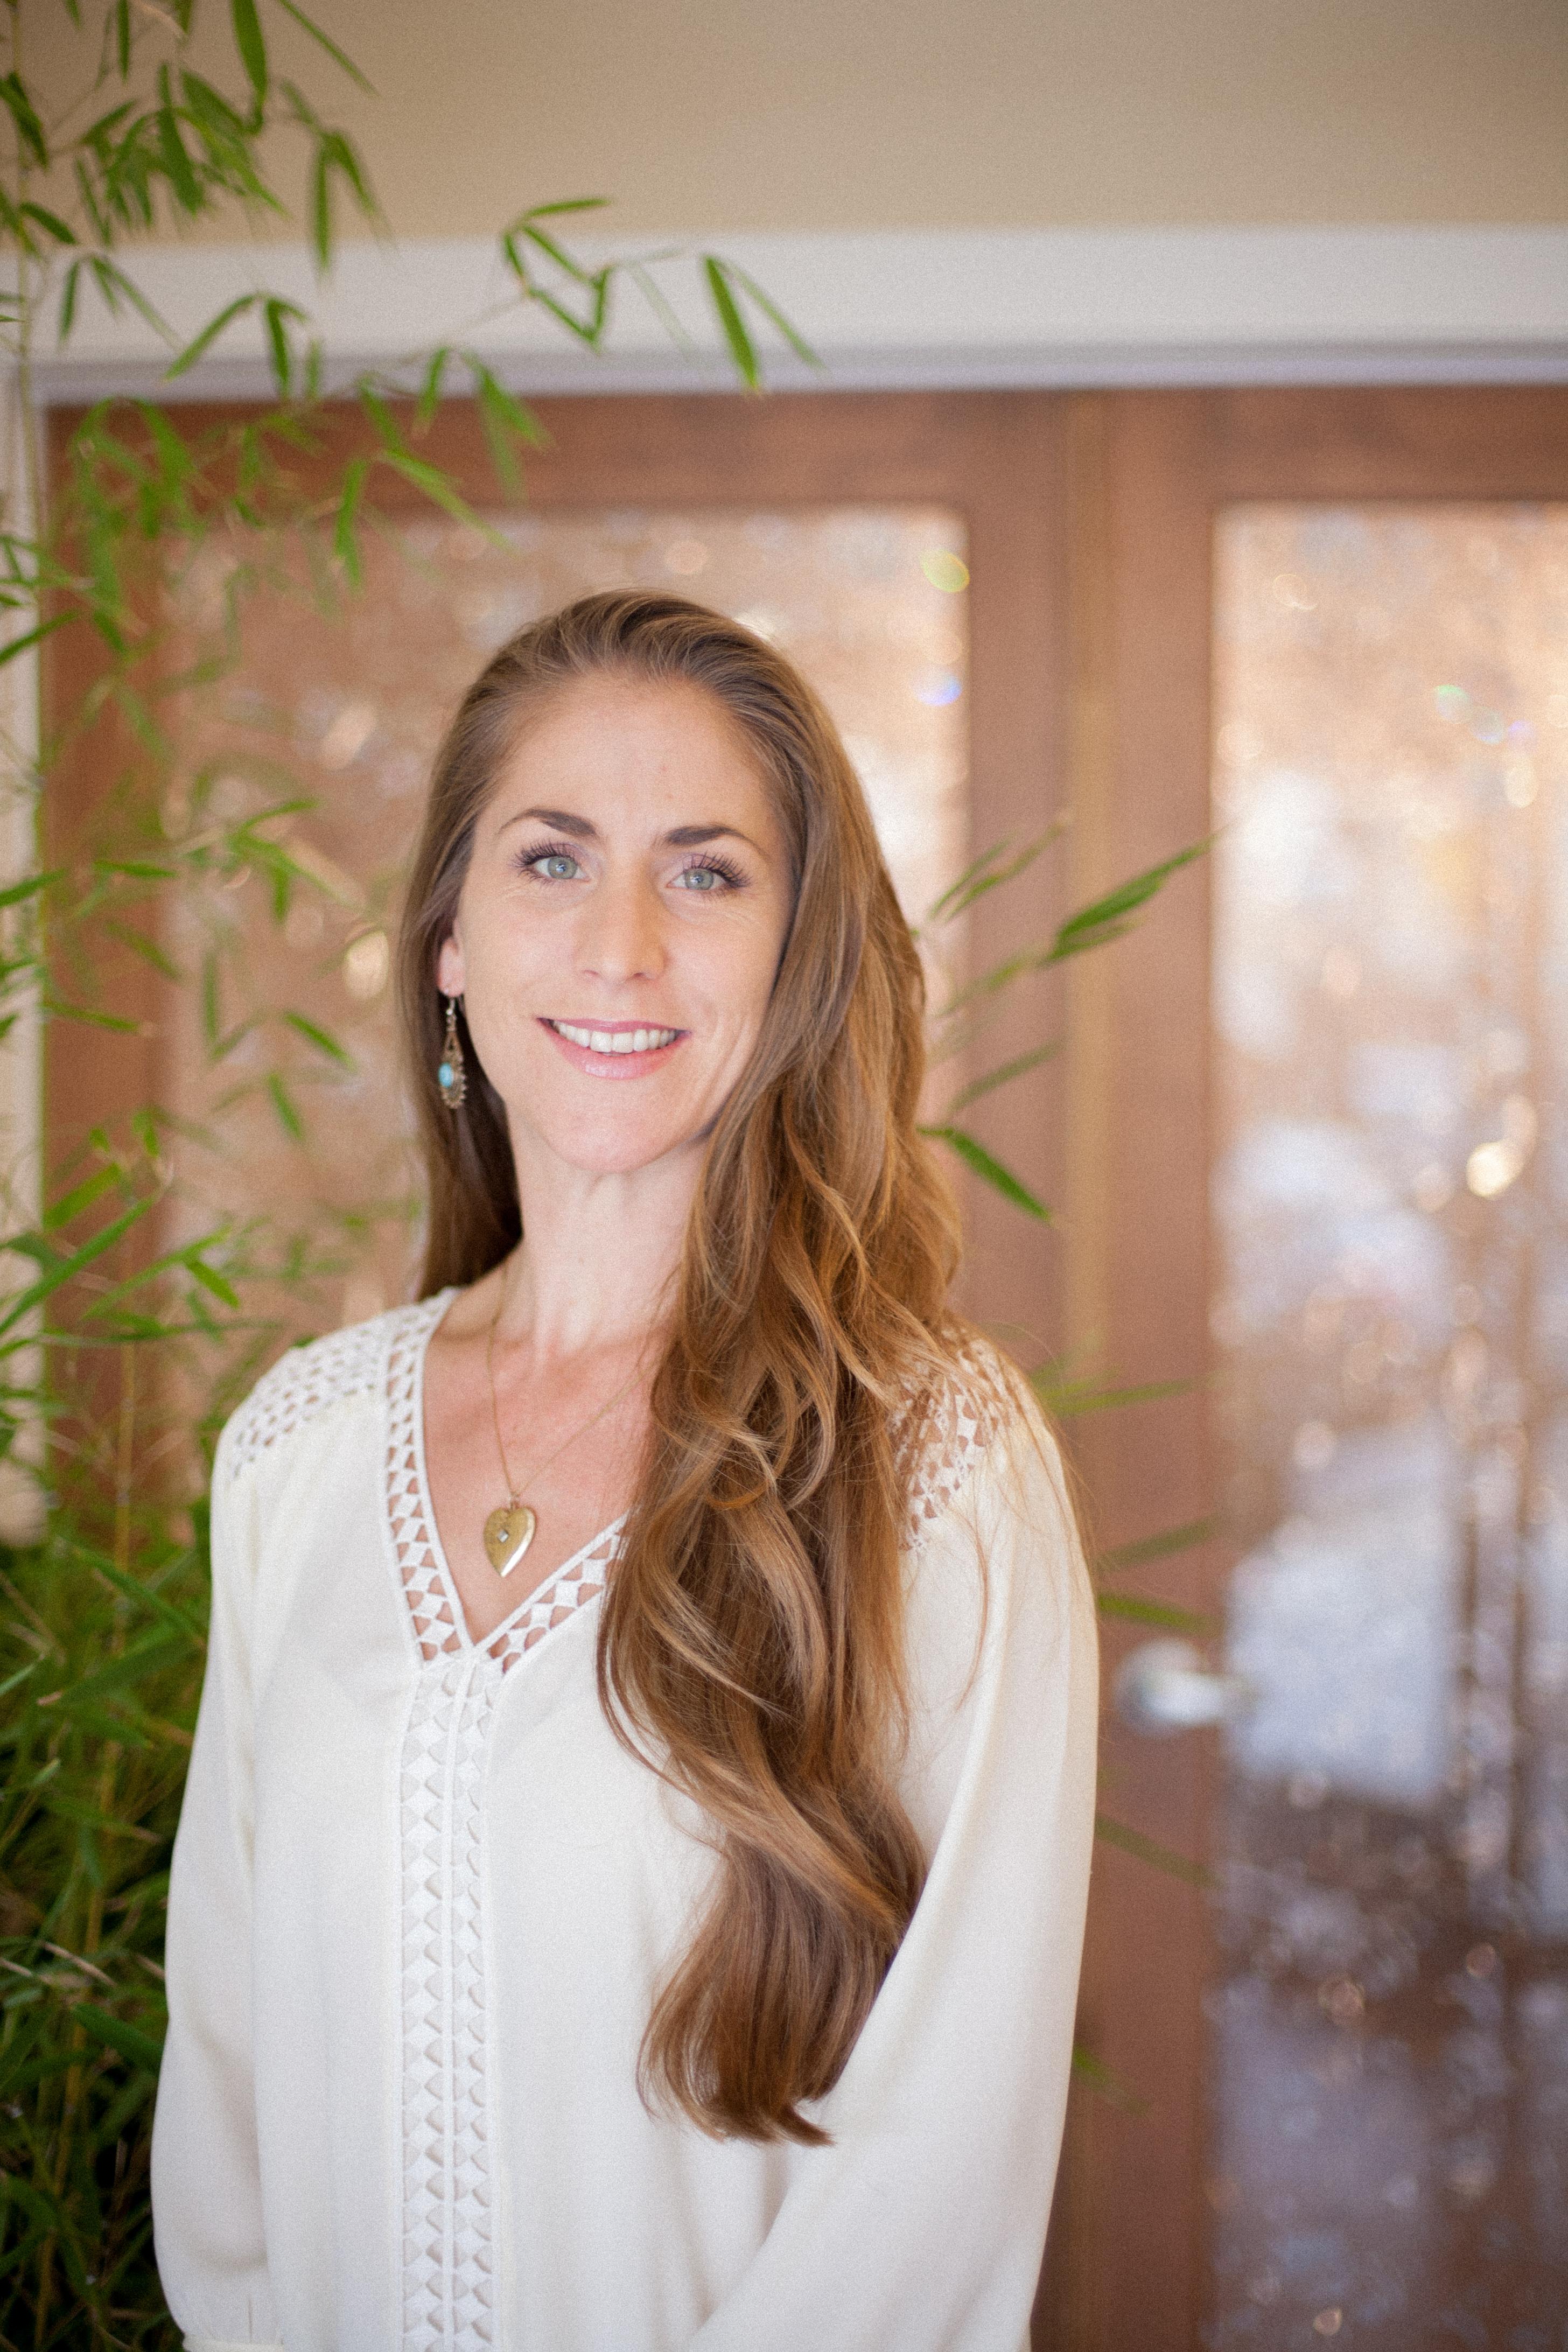 Dr. Danni Ballere